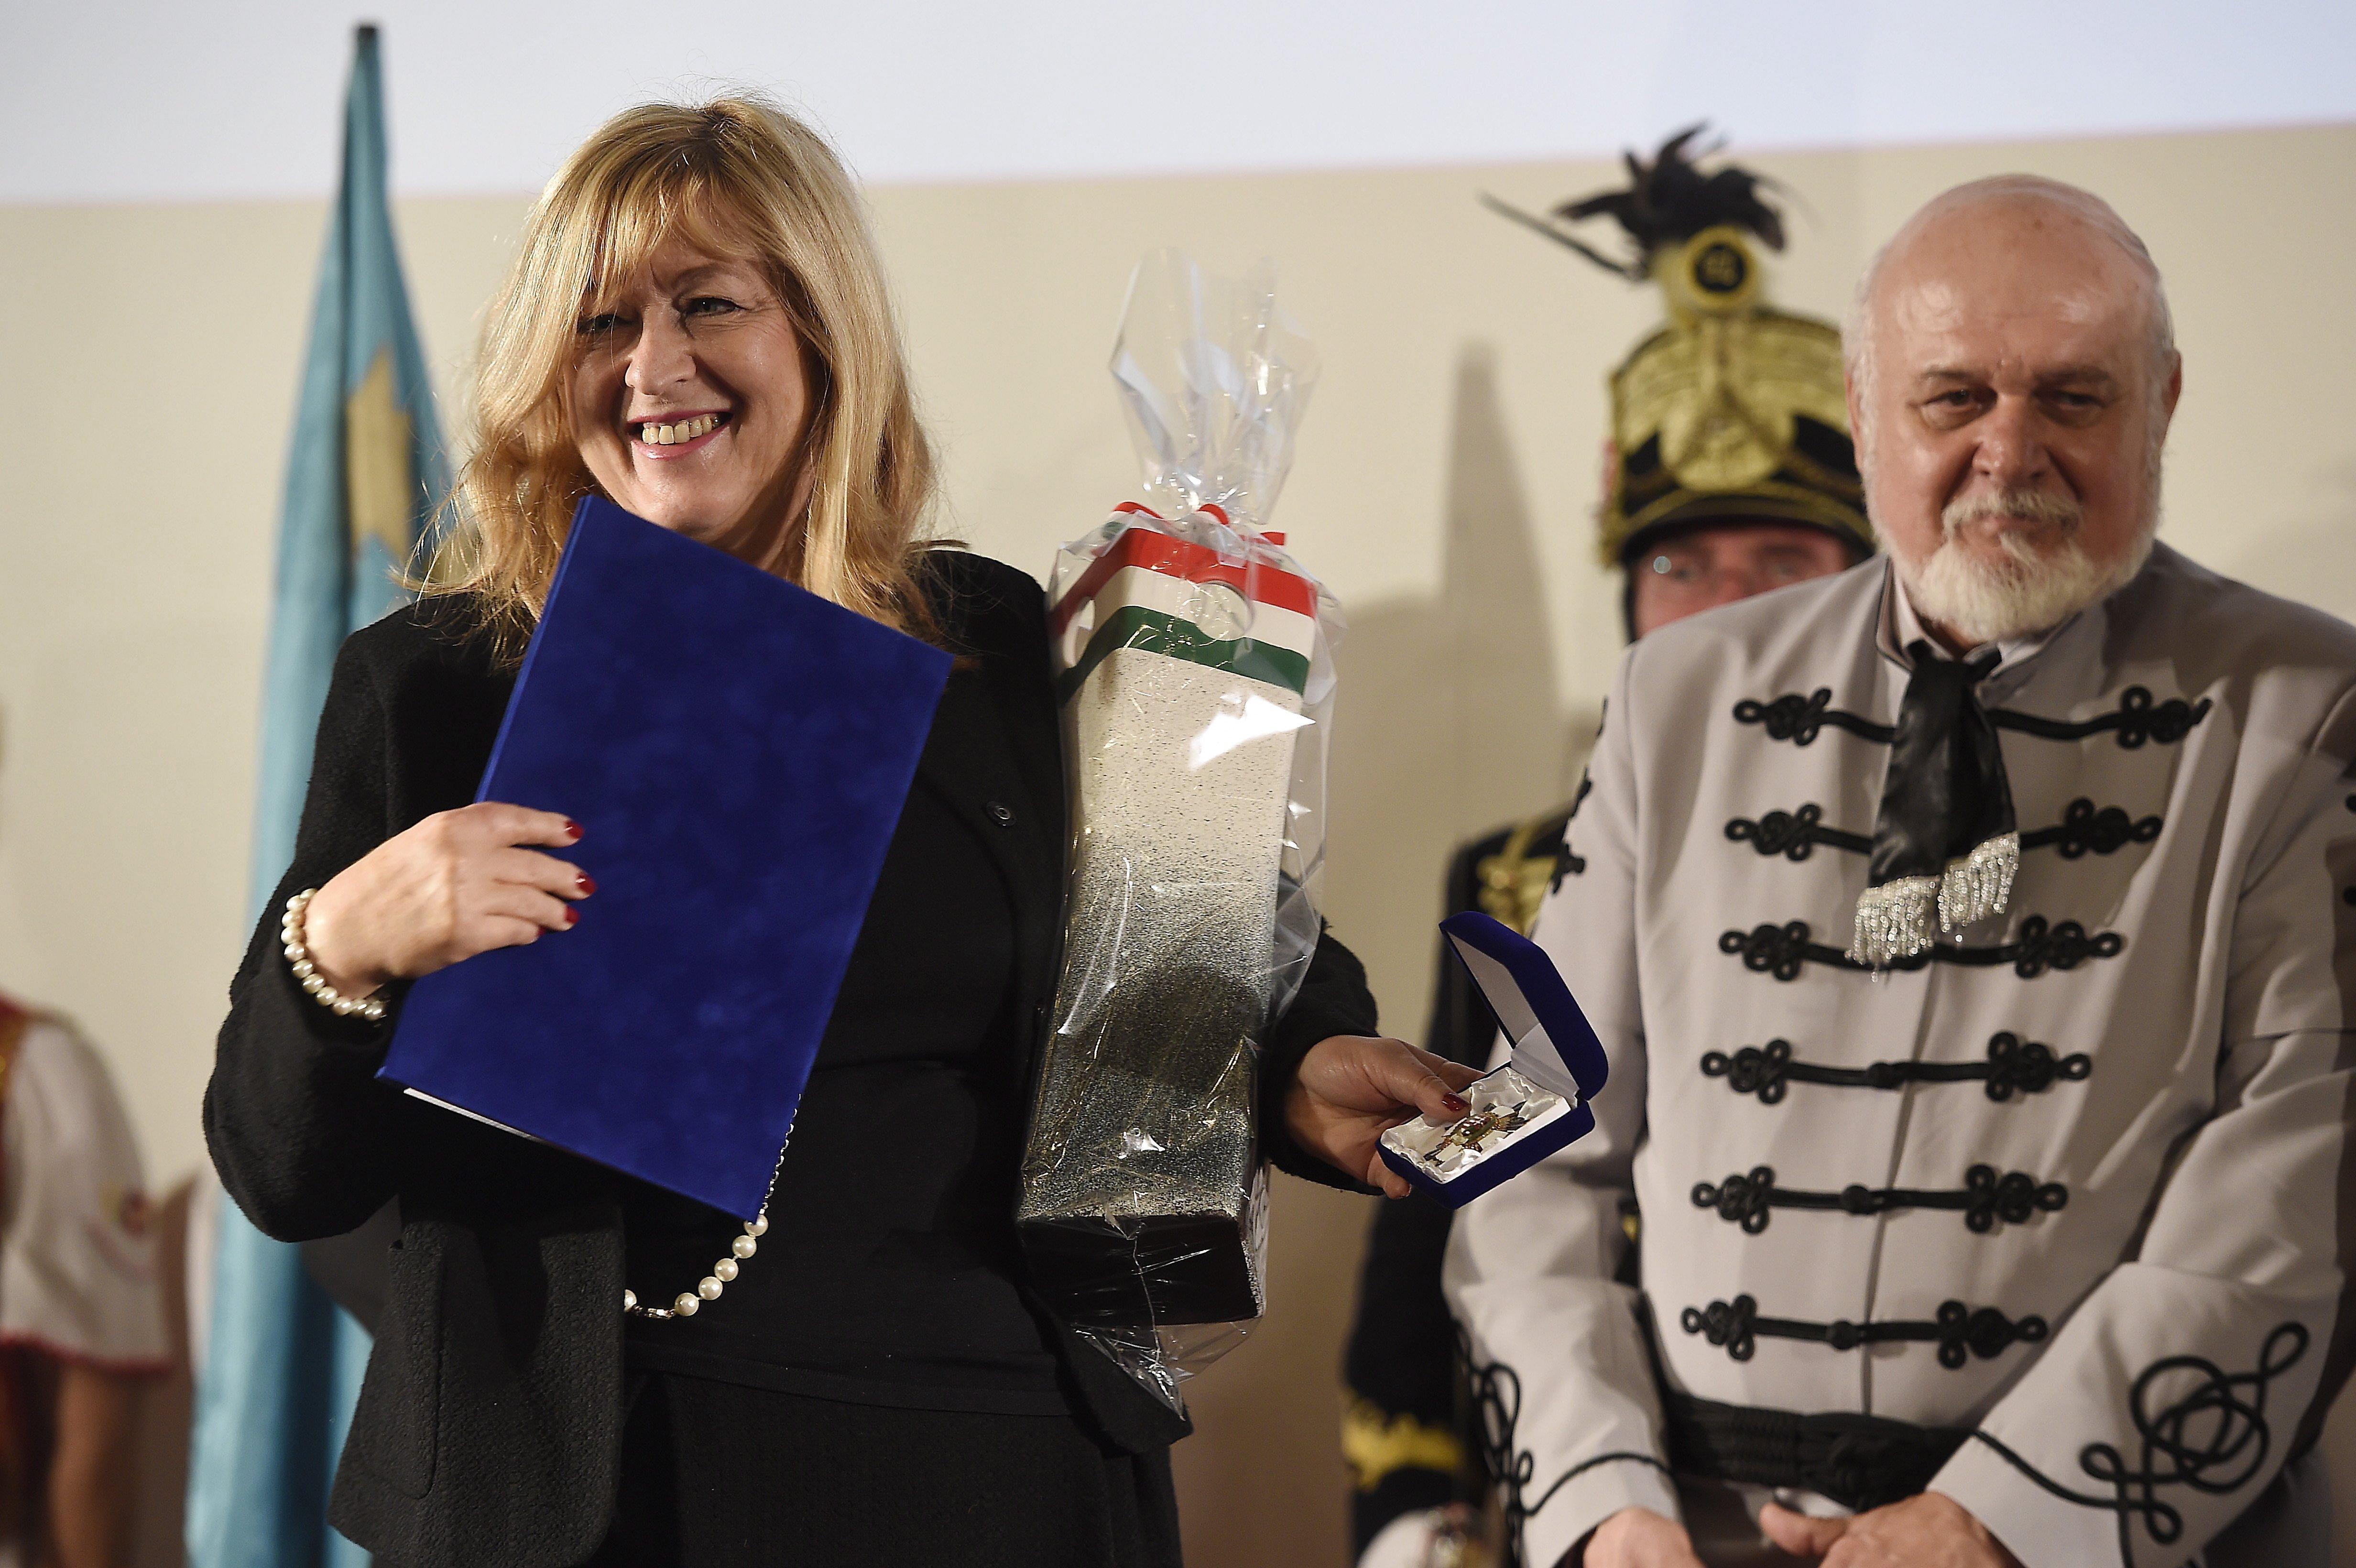 A XVIII. kerület kitüntette Schmidt Máriát, mert az ország az erőfeszítései révén méltóképpen emlékezhetett 56-ra